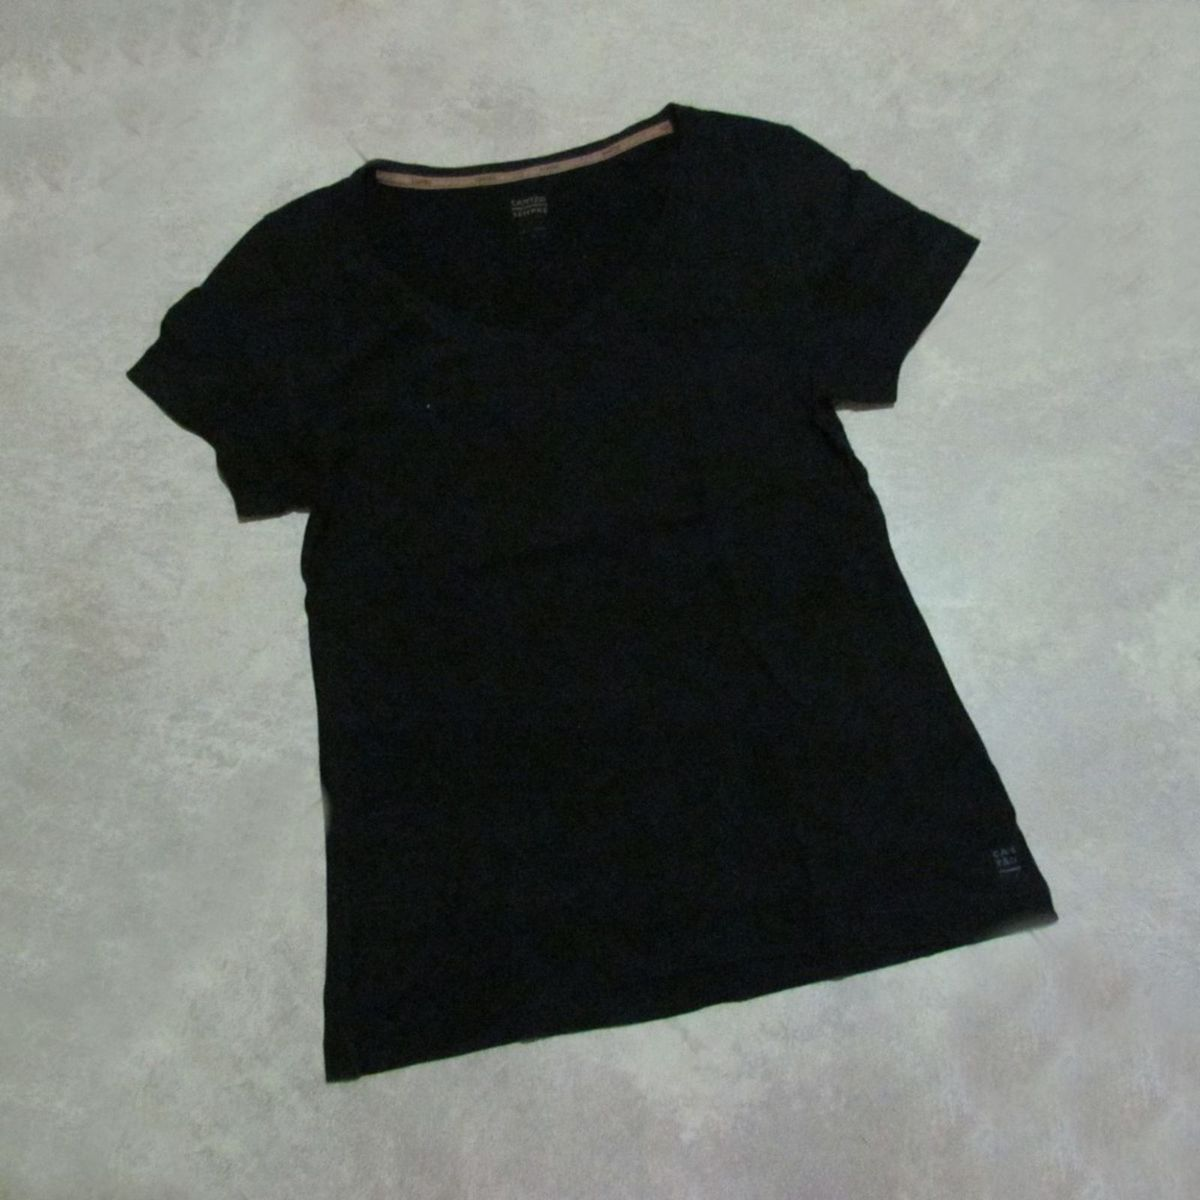 camiseta sempre preta - camisetas cantão